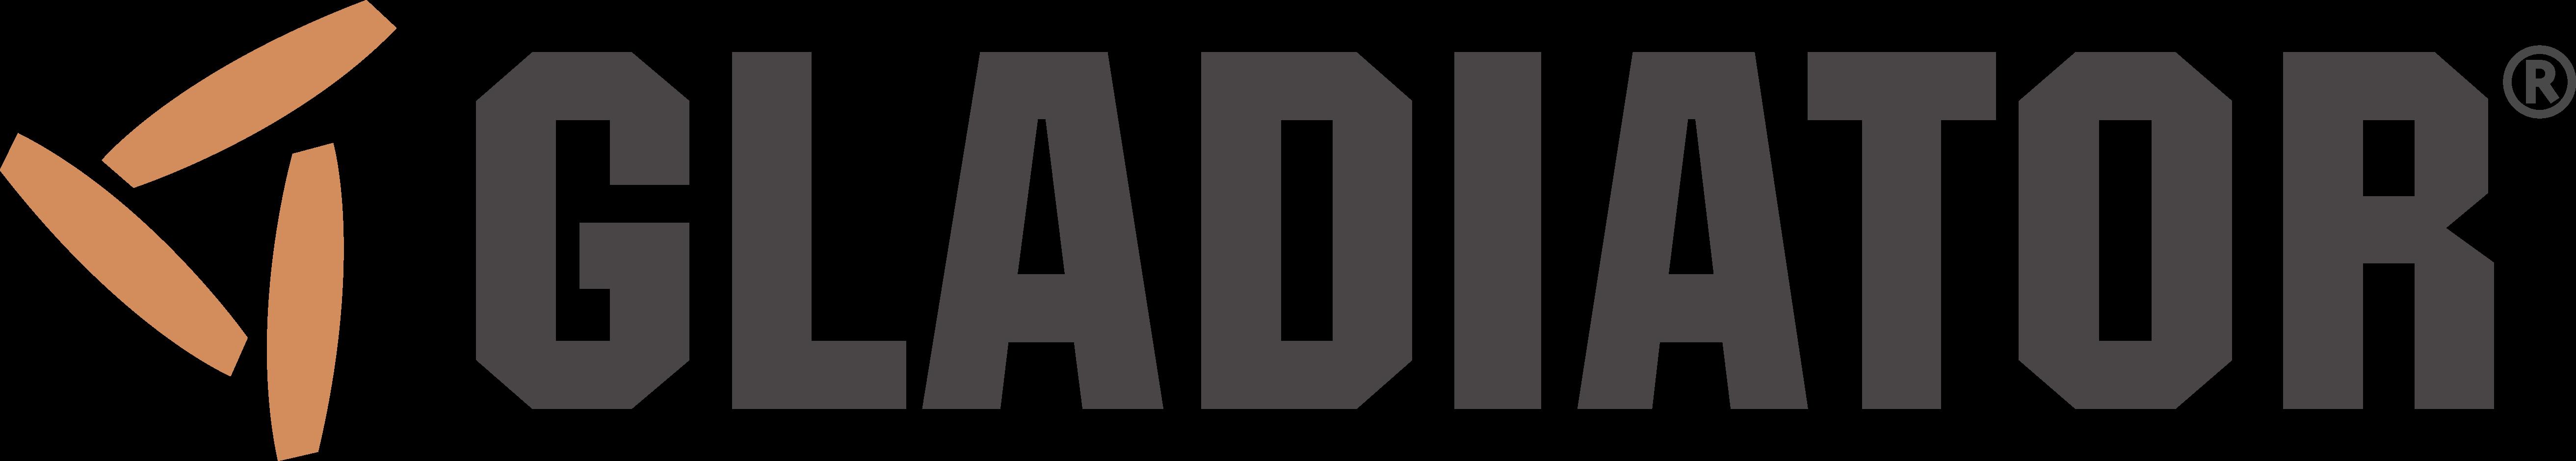 Kitchenaid Logo Transparent. KitchenAid Logo Kitchenaid ...